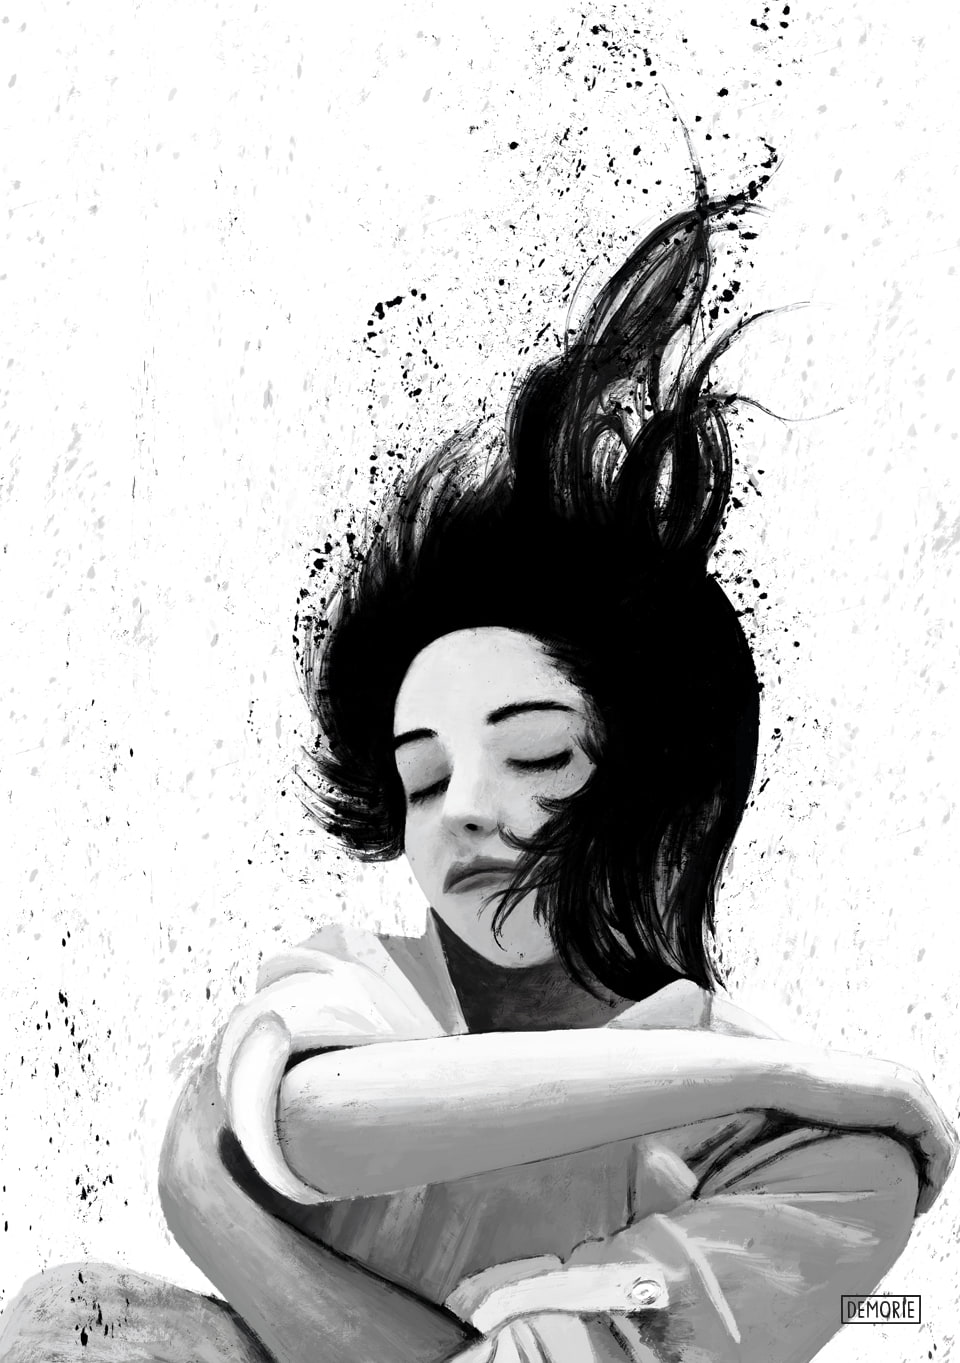 drown in sleep - digital painting